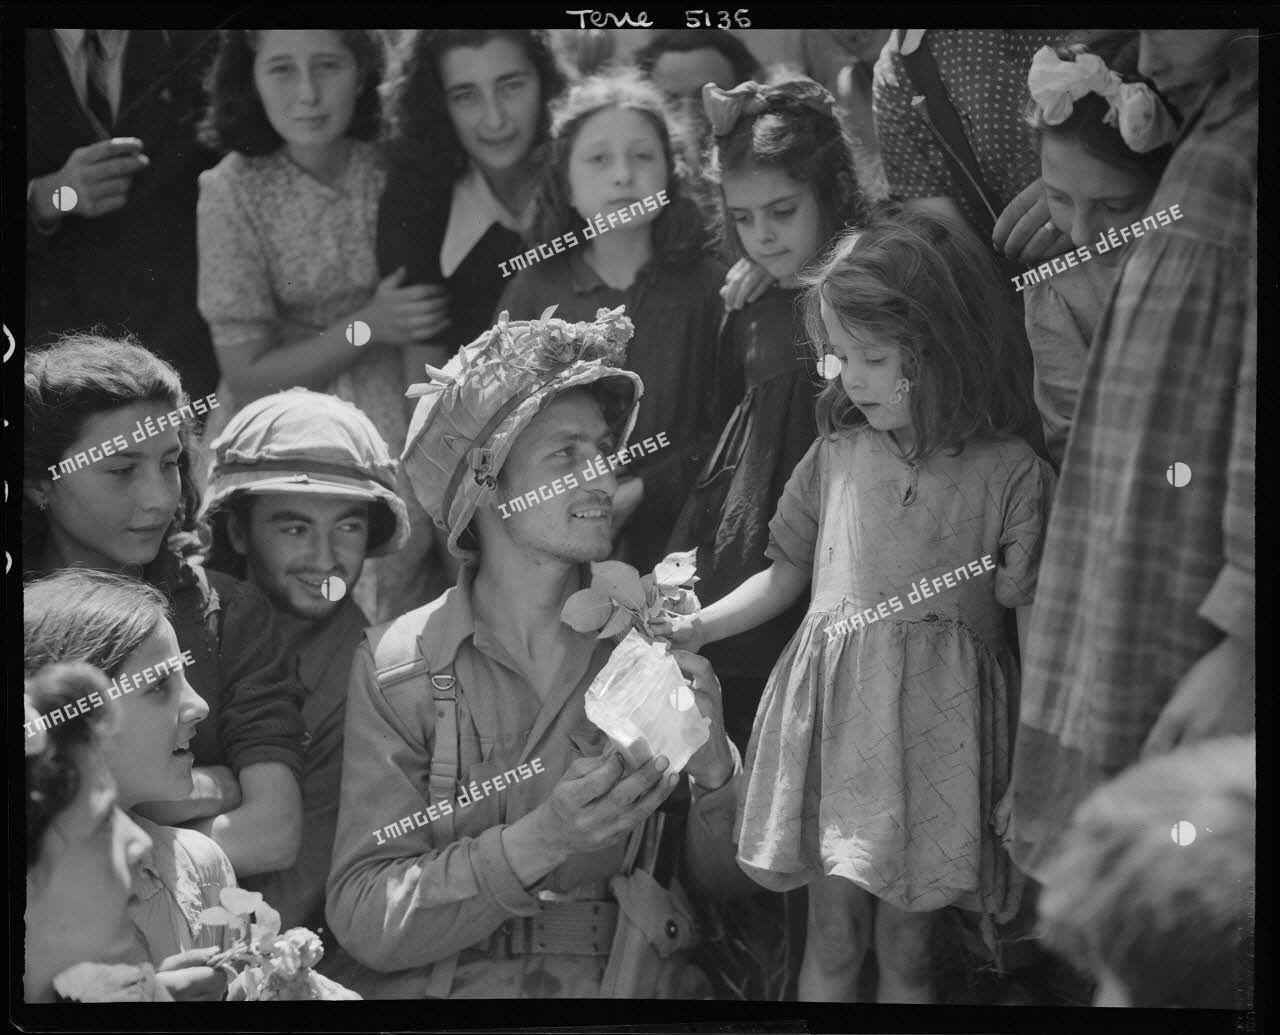 À Colleferro, à quarante kilomètres au sud-est de Rome, une enfant offre des fleurs à un soldat de la 1st special service force (détachement du service spécial) de la 5e armée américaine.